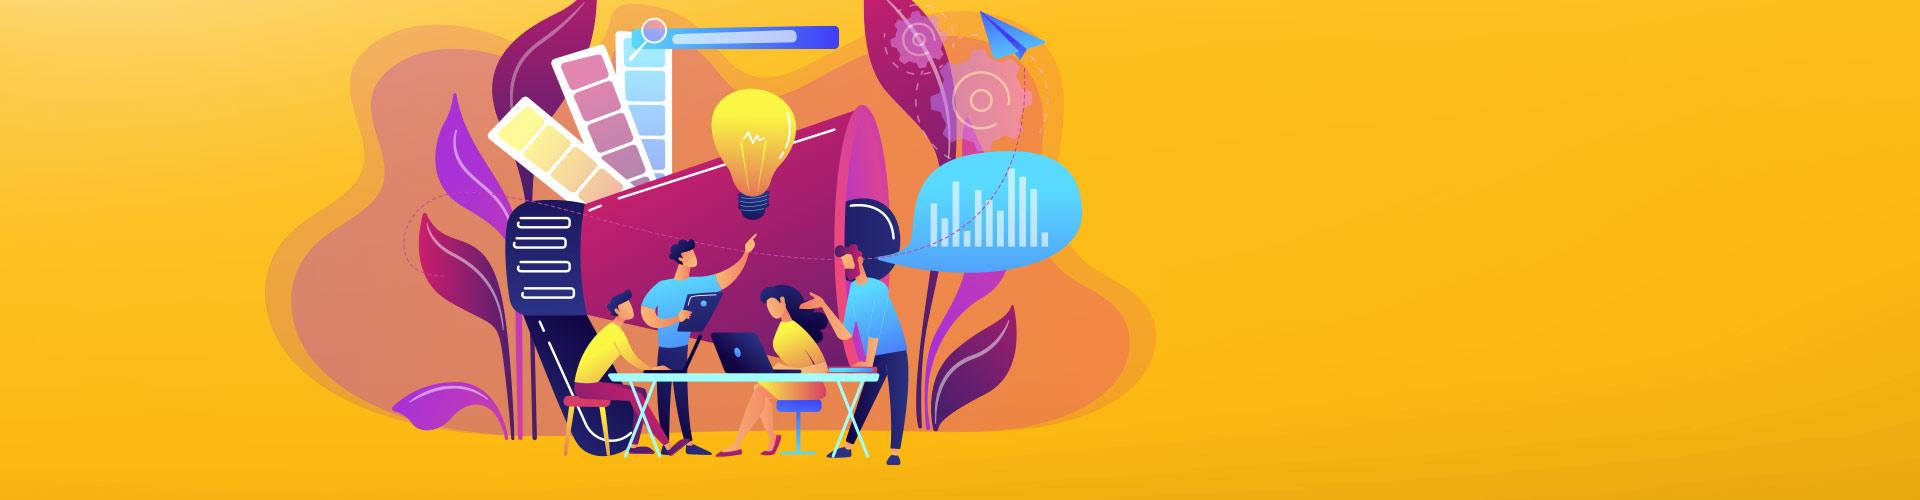 Les futurs scénarios de la communication publicitaire